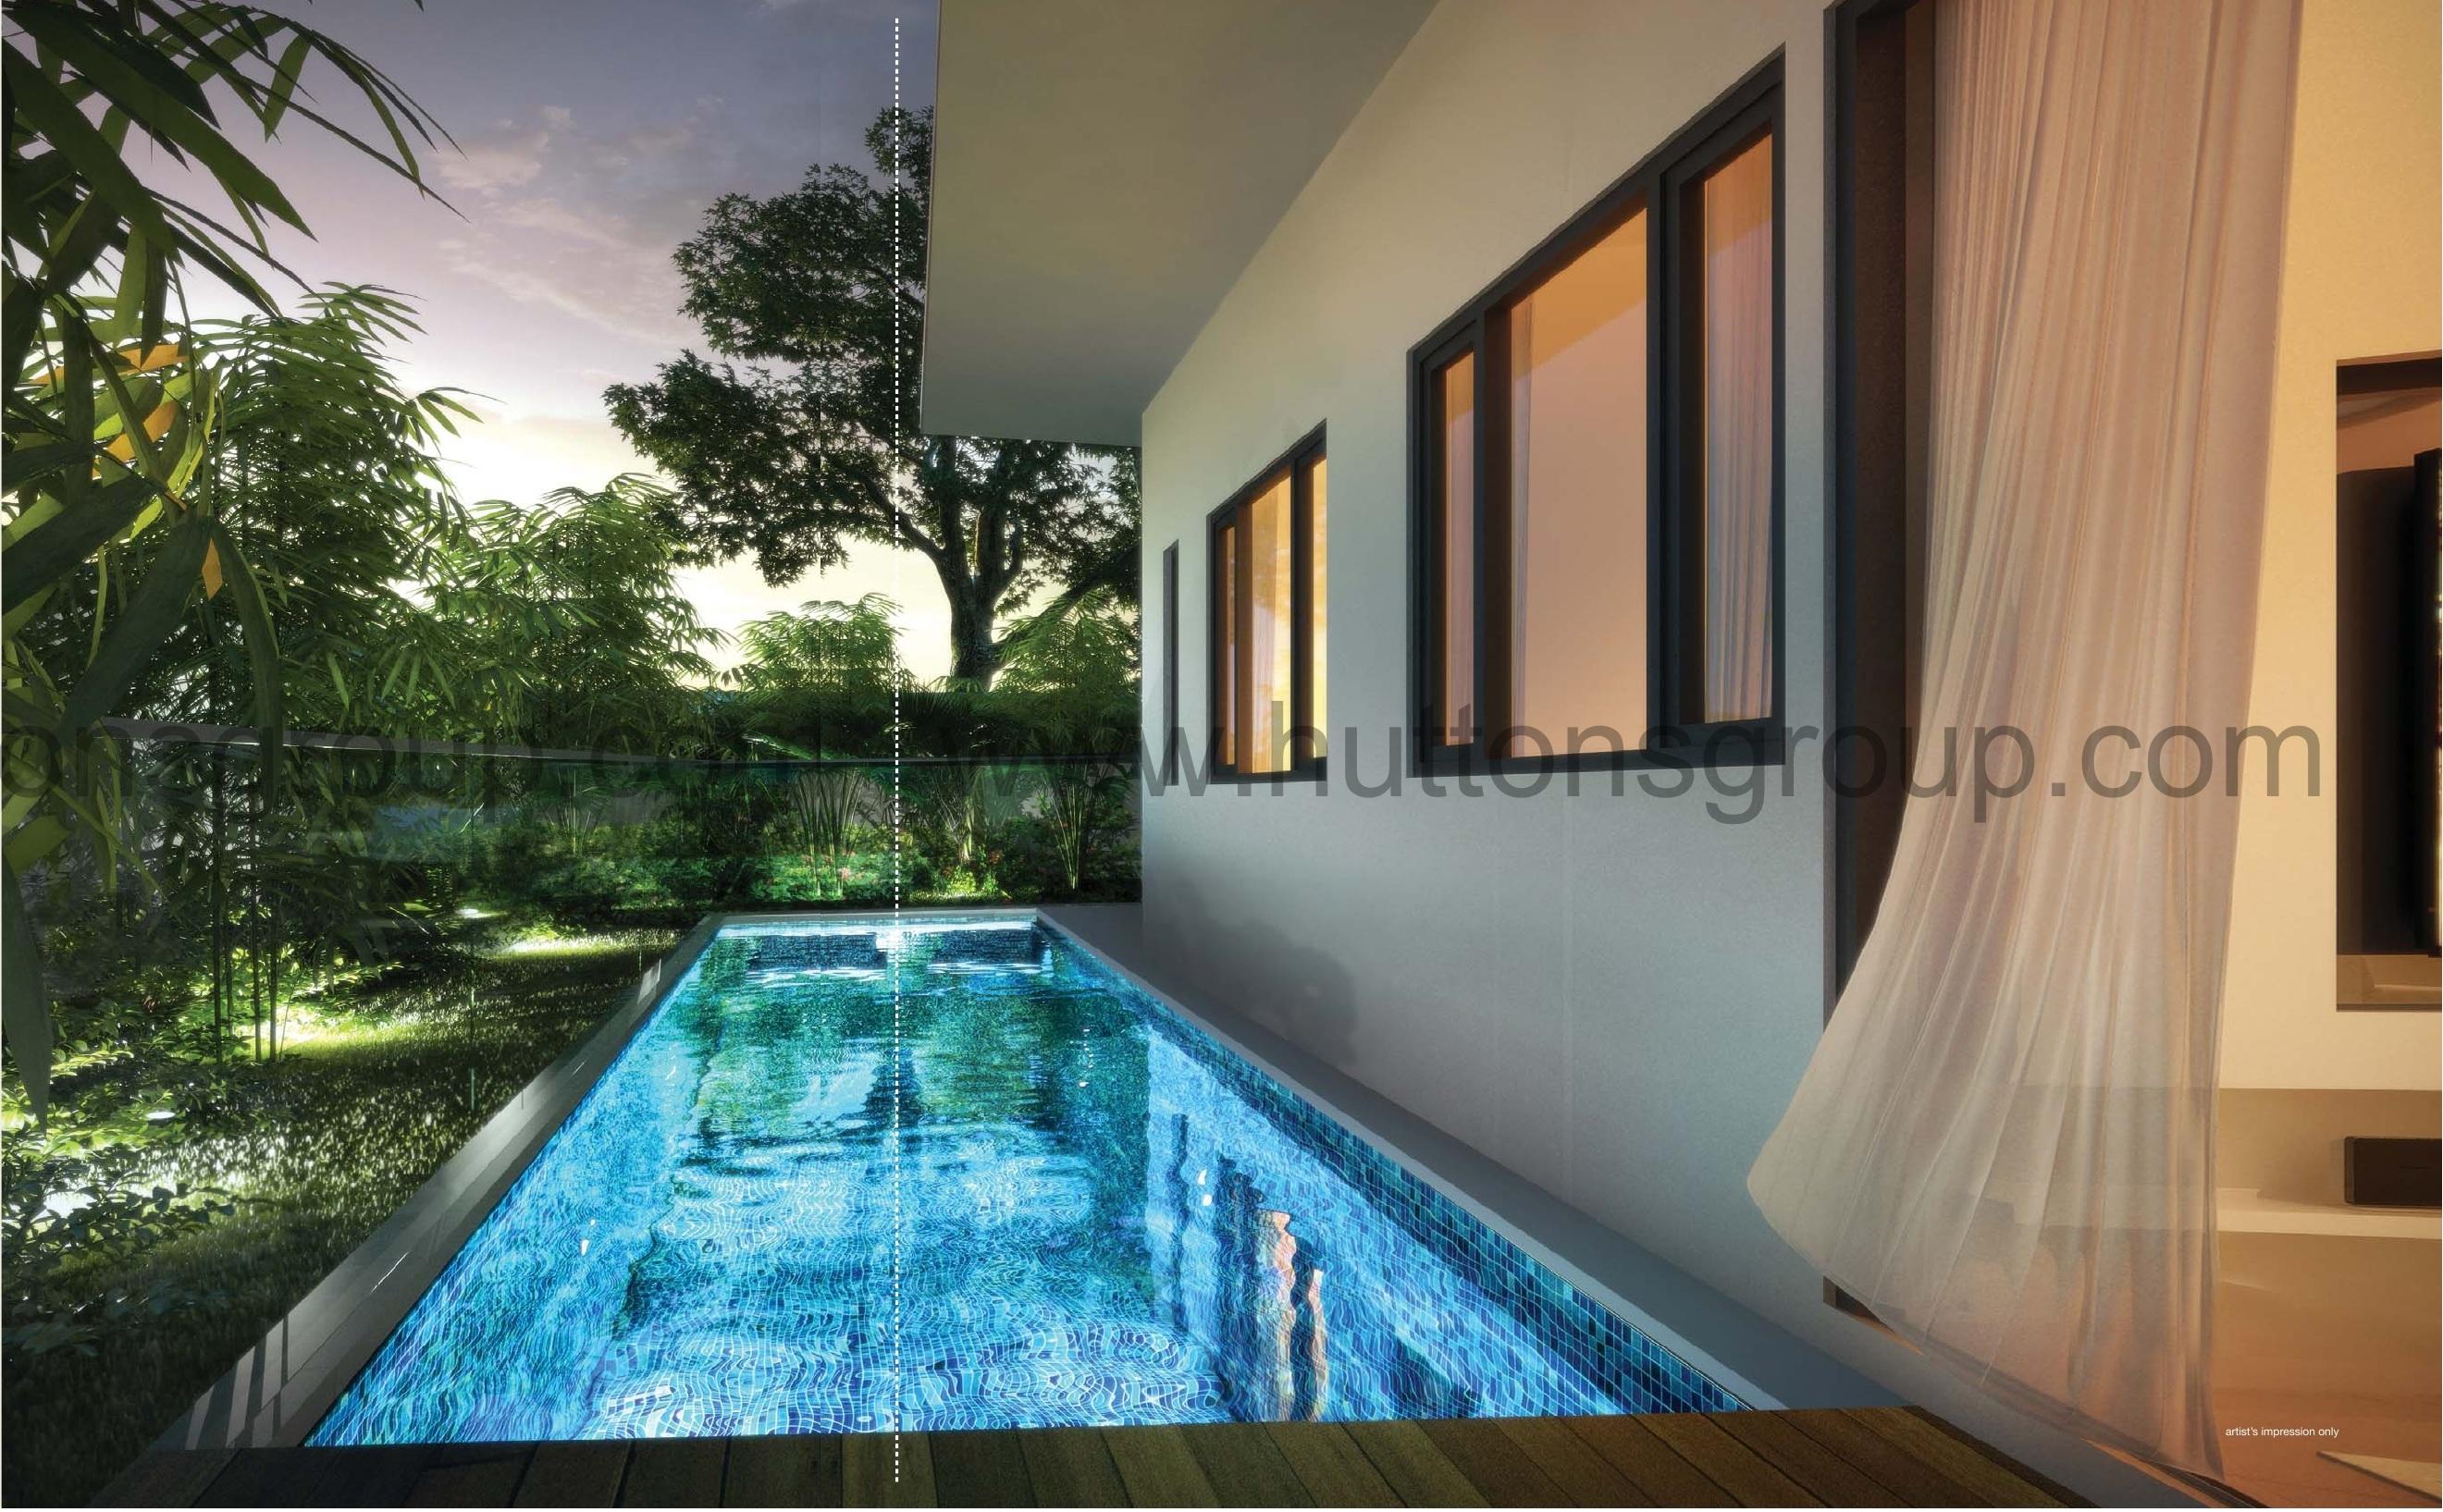 Tree-Scape private pool treescape TreeScape Singapore | Showflat Hotline +65 61007122 treescape private pool1